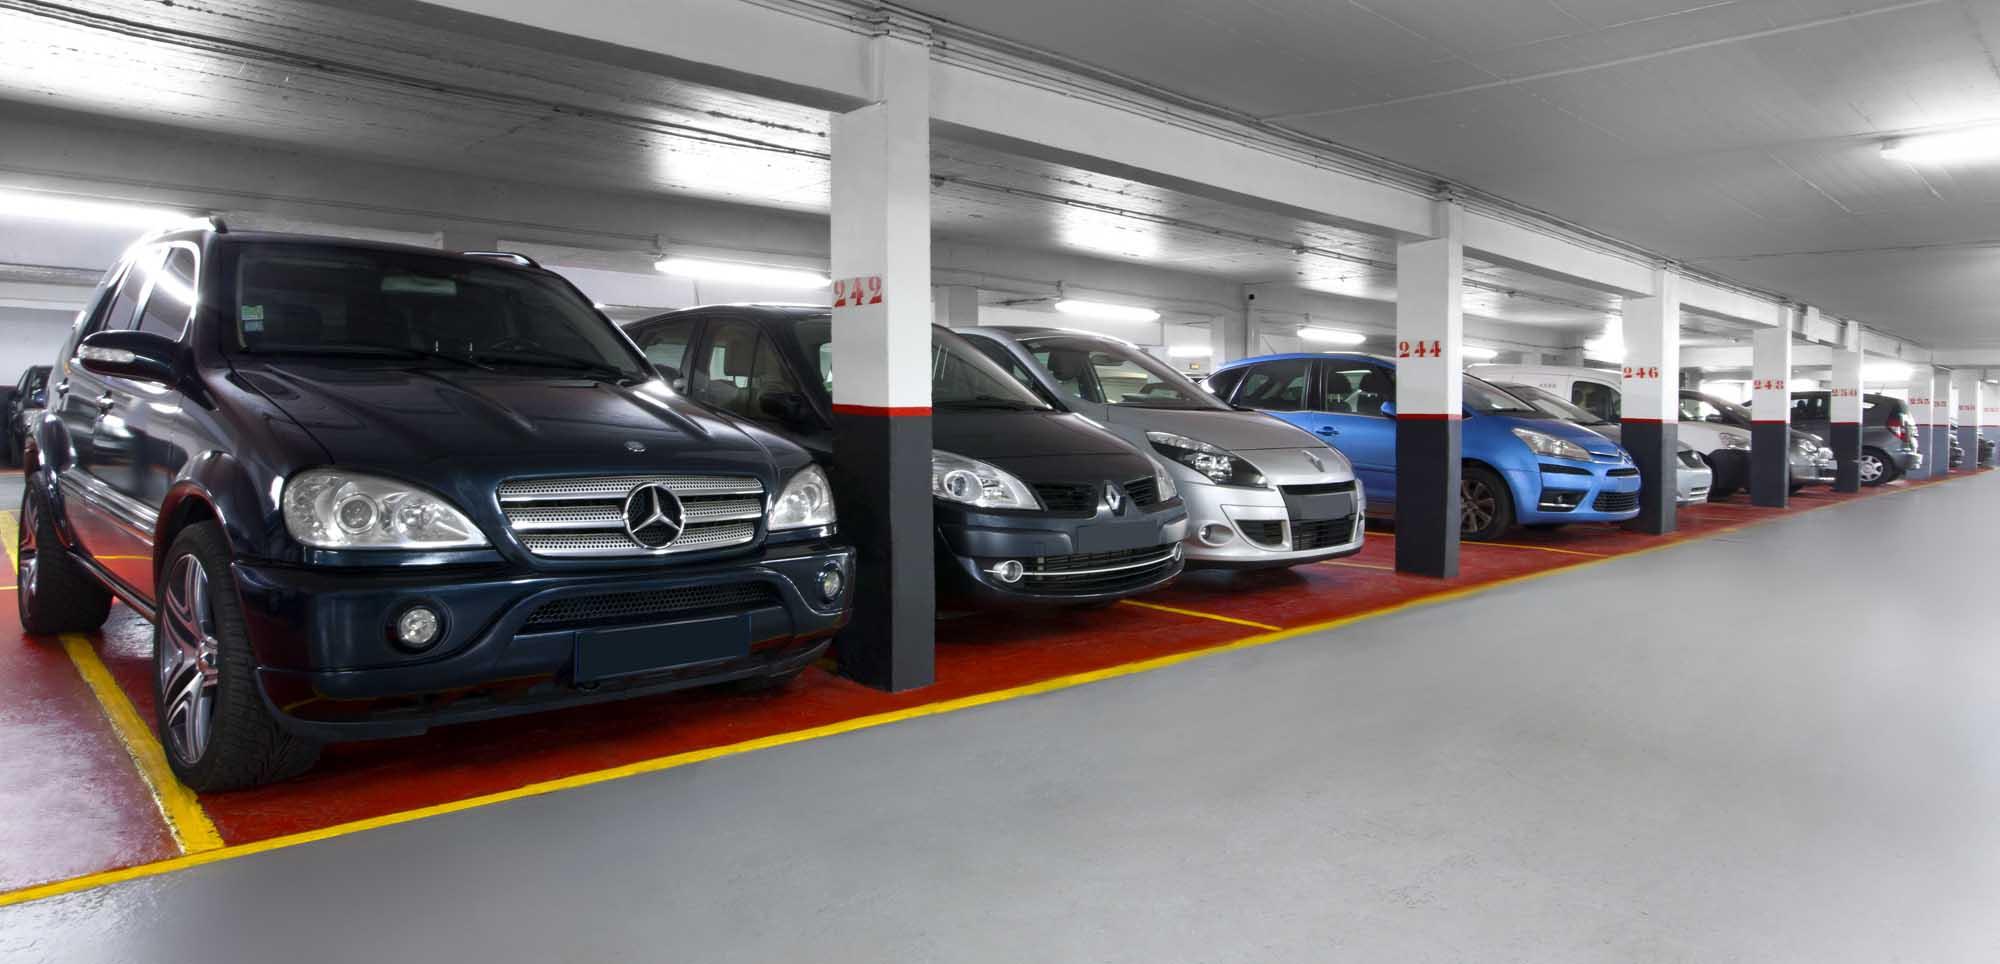 Location parking strasbourg : un choix convenable